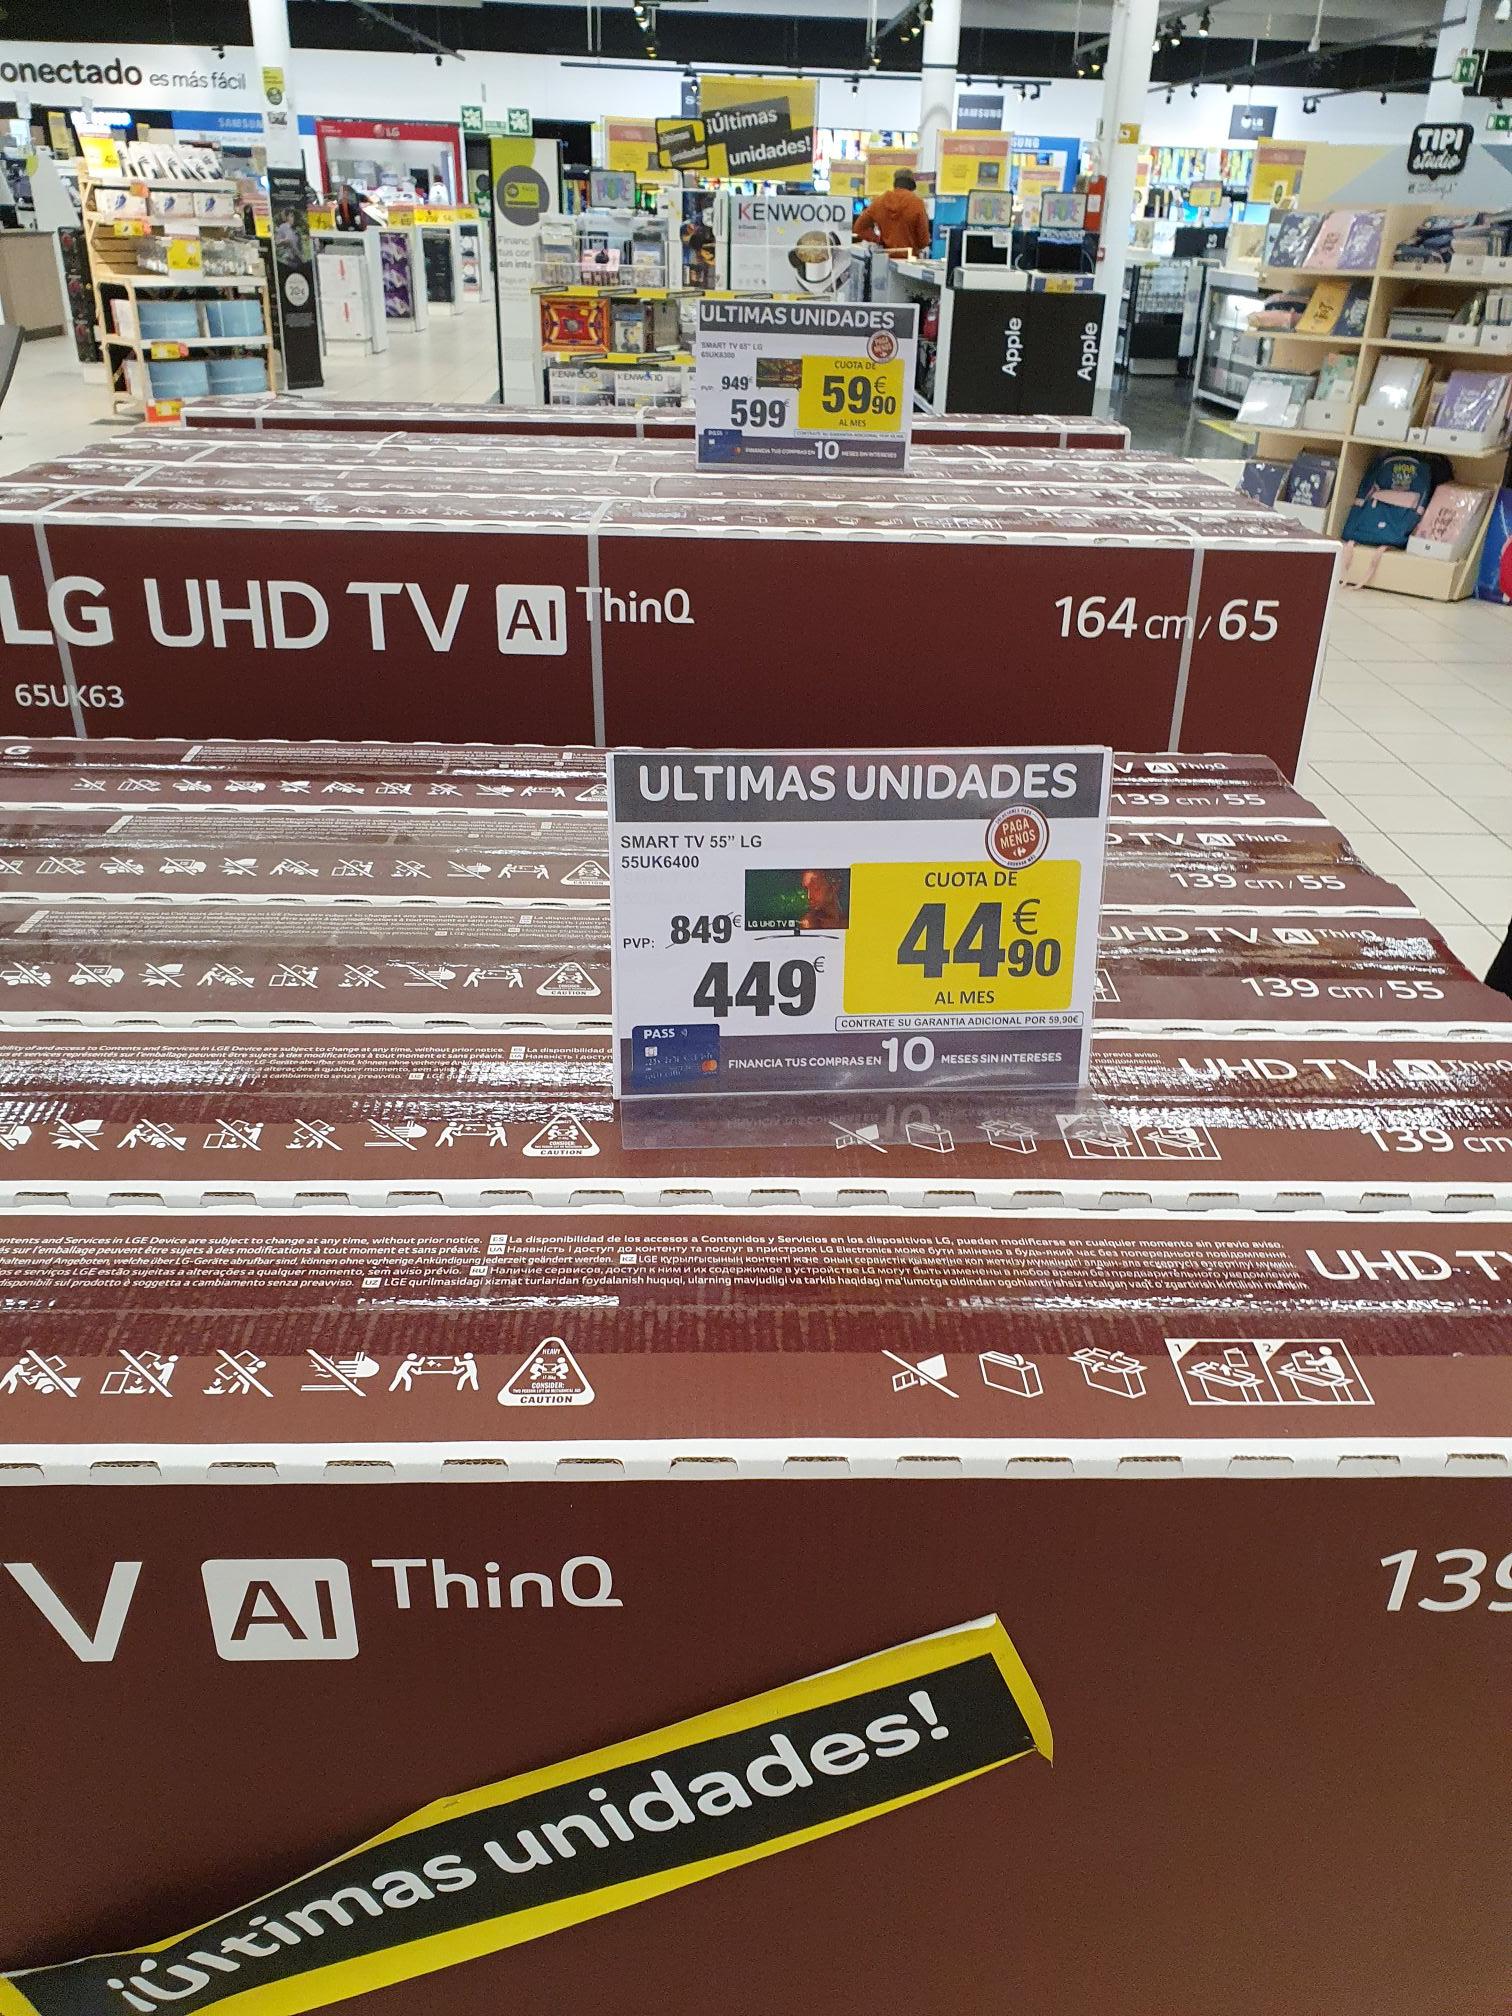 LG modelos 55uk6400 y 65uk6300 Últimas unidades (Carrefour Murcia zaraiche)